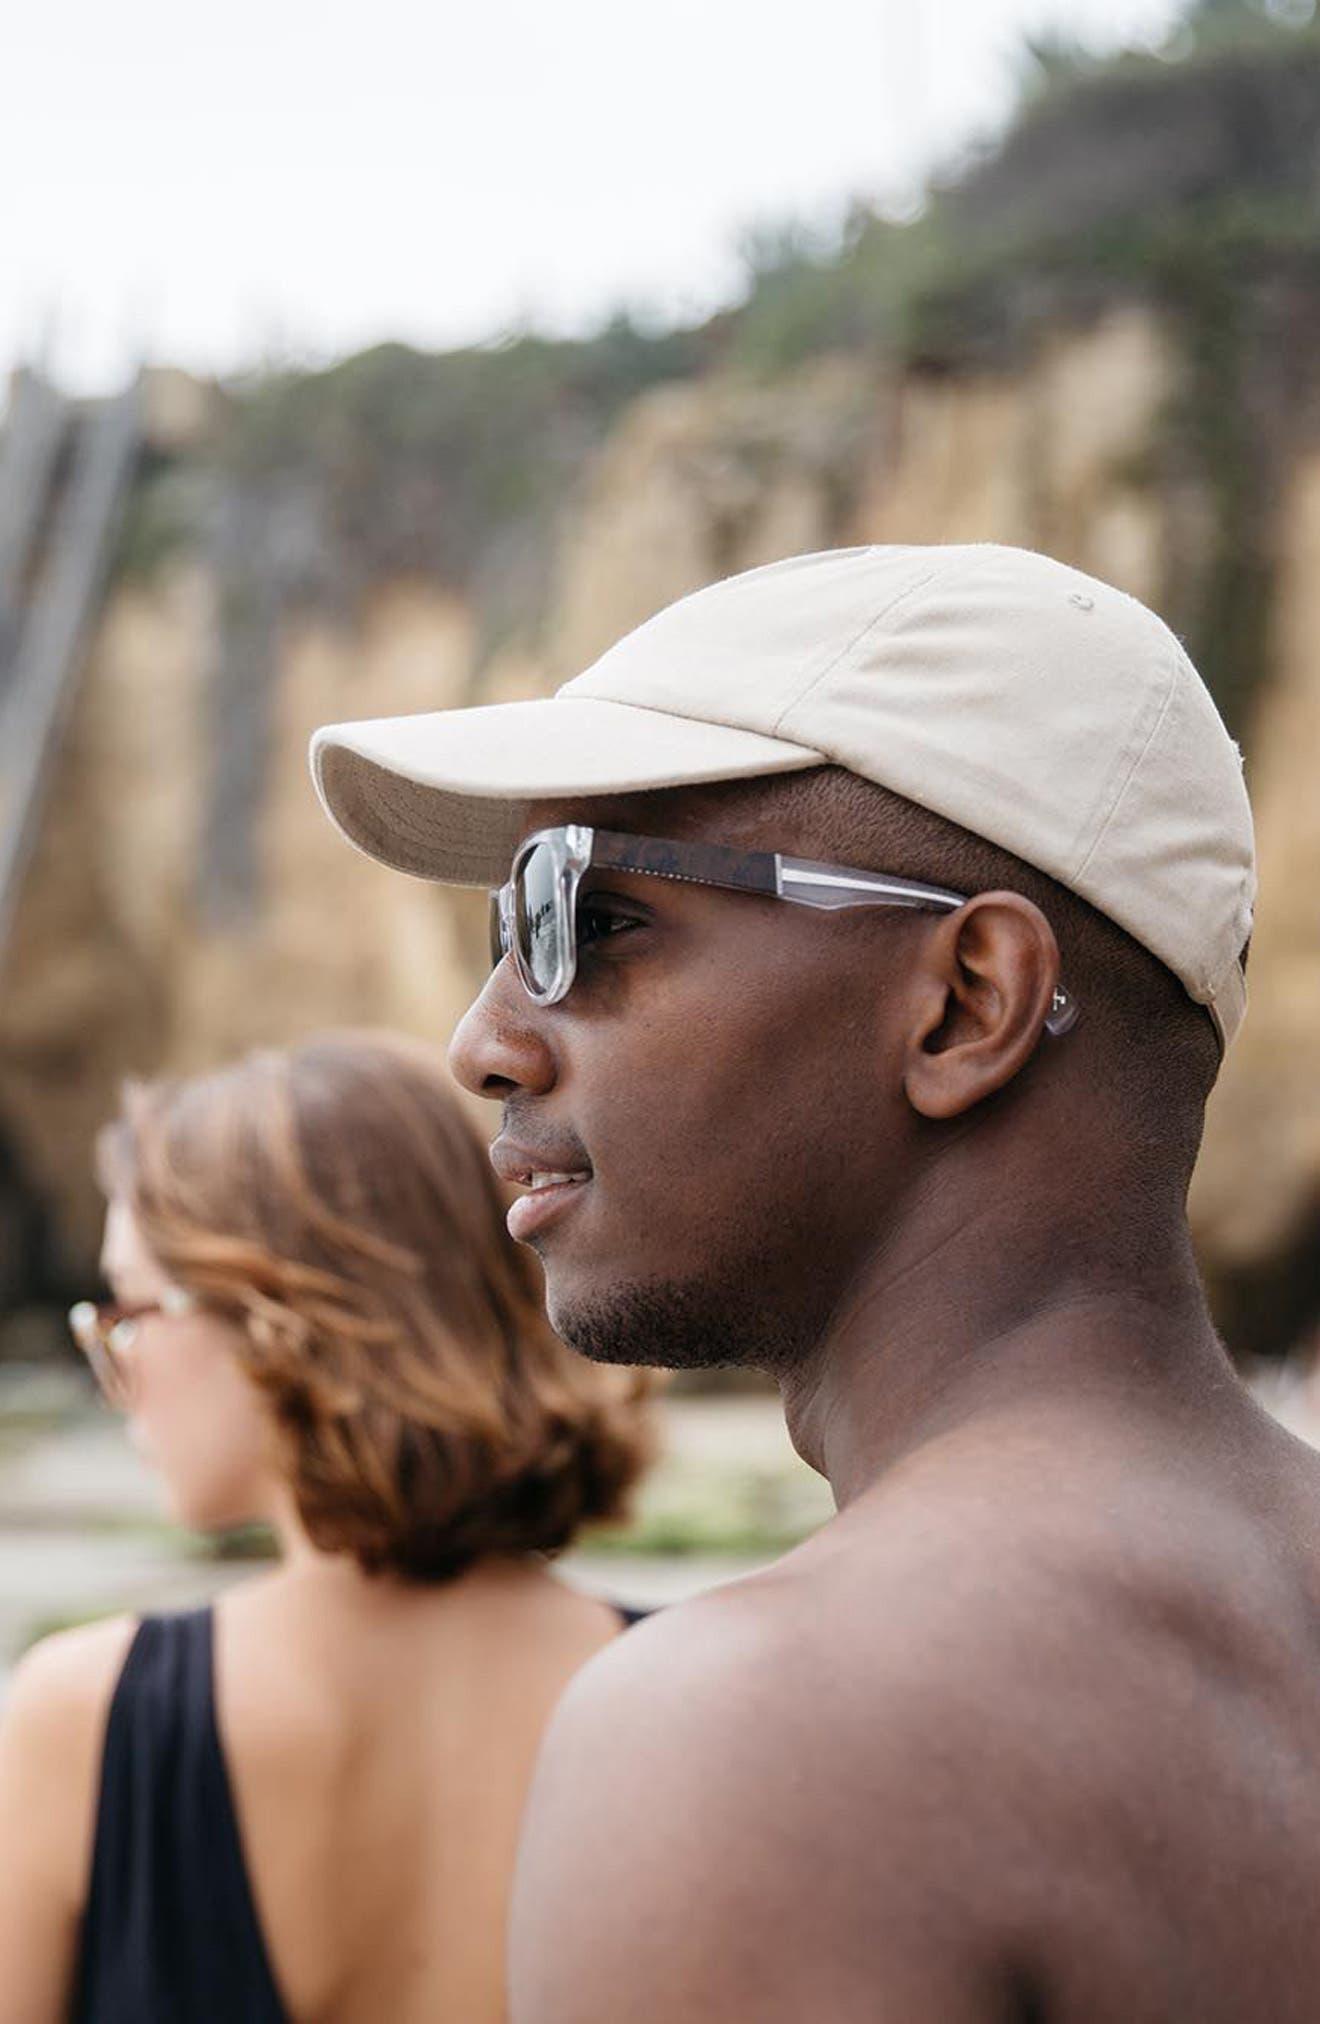 Alternate Image 3  - Shwood 'Canby' 53mm Polarized Sunglasses